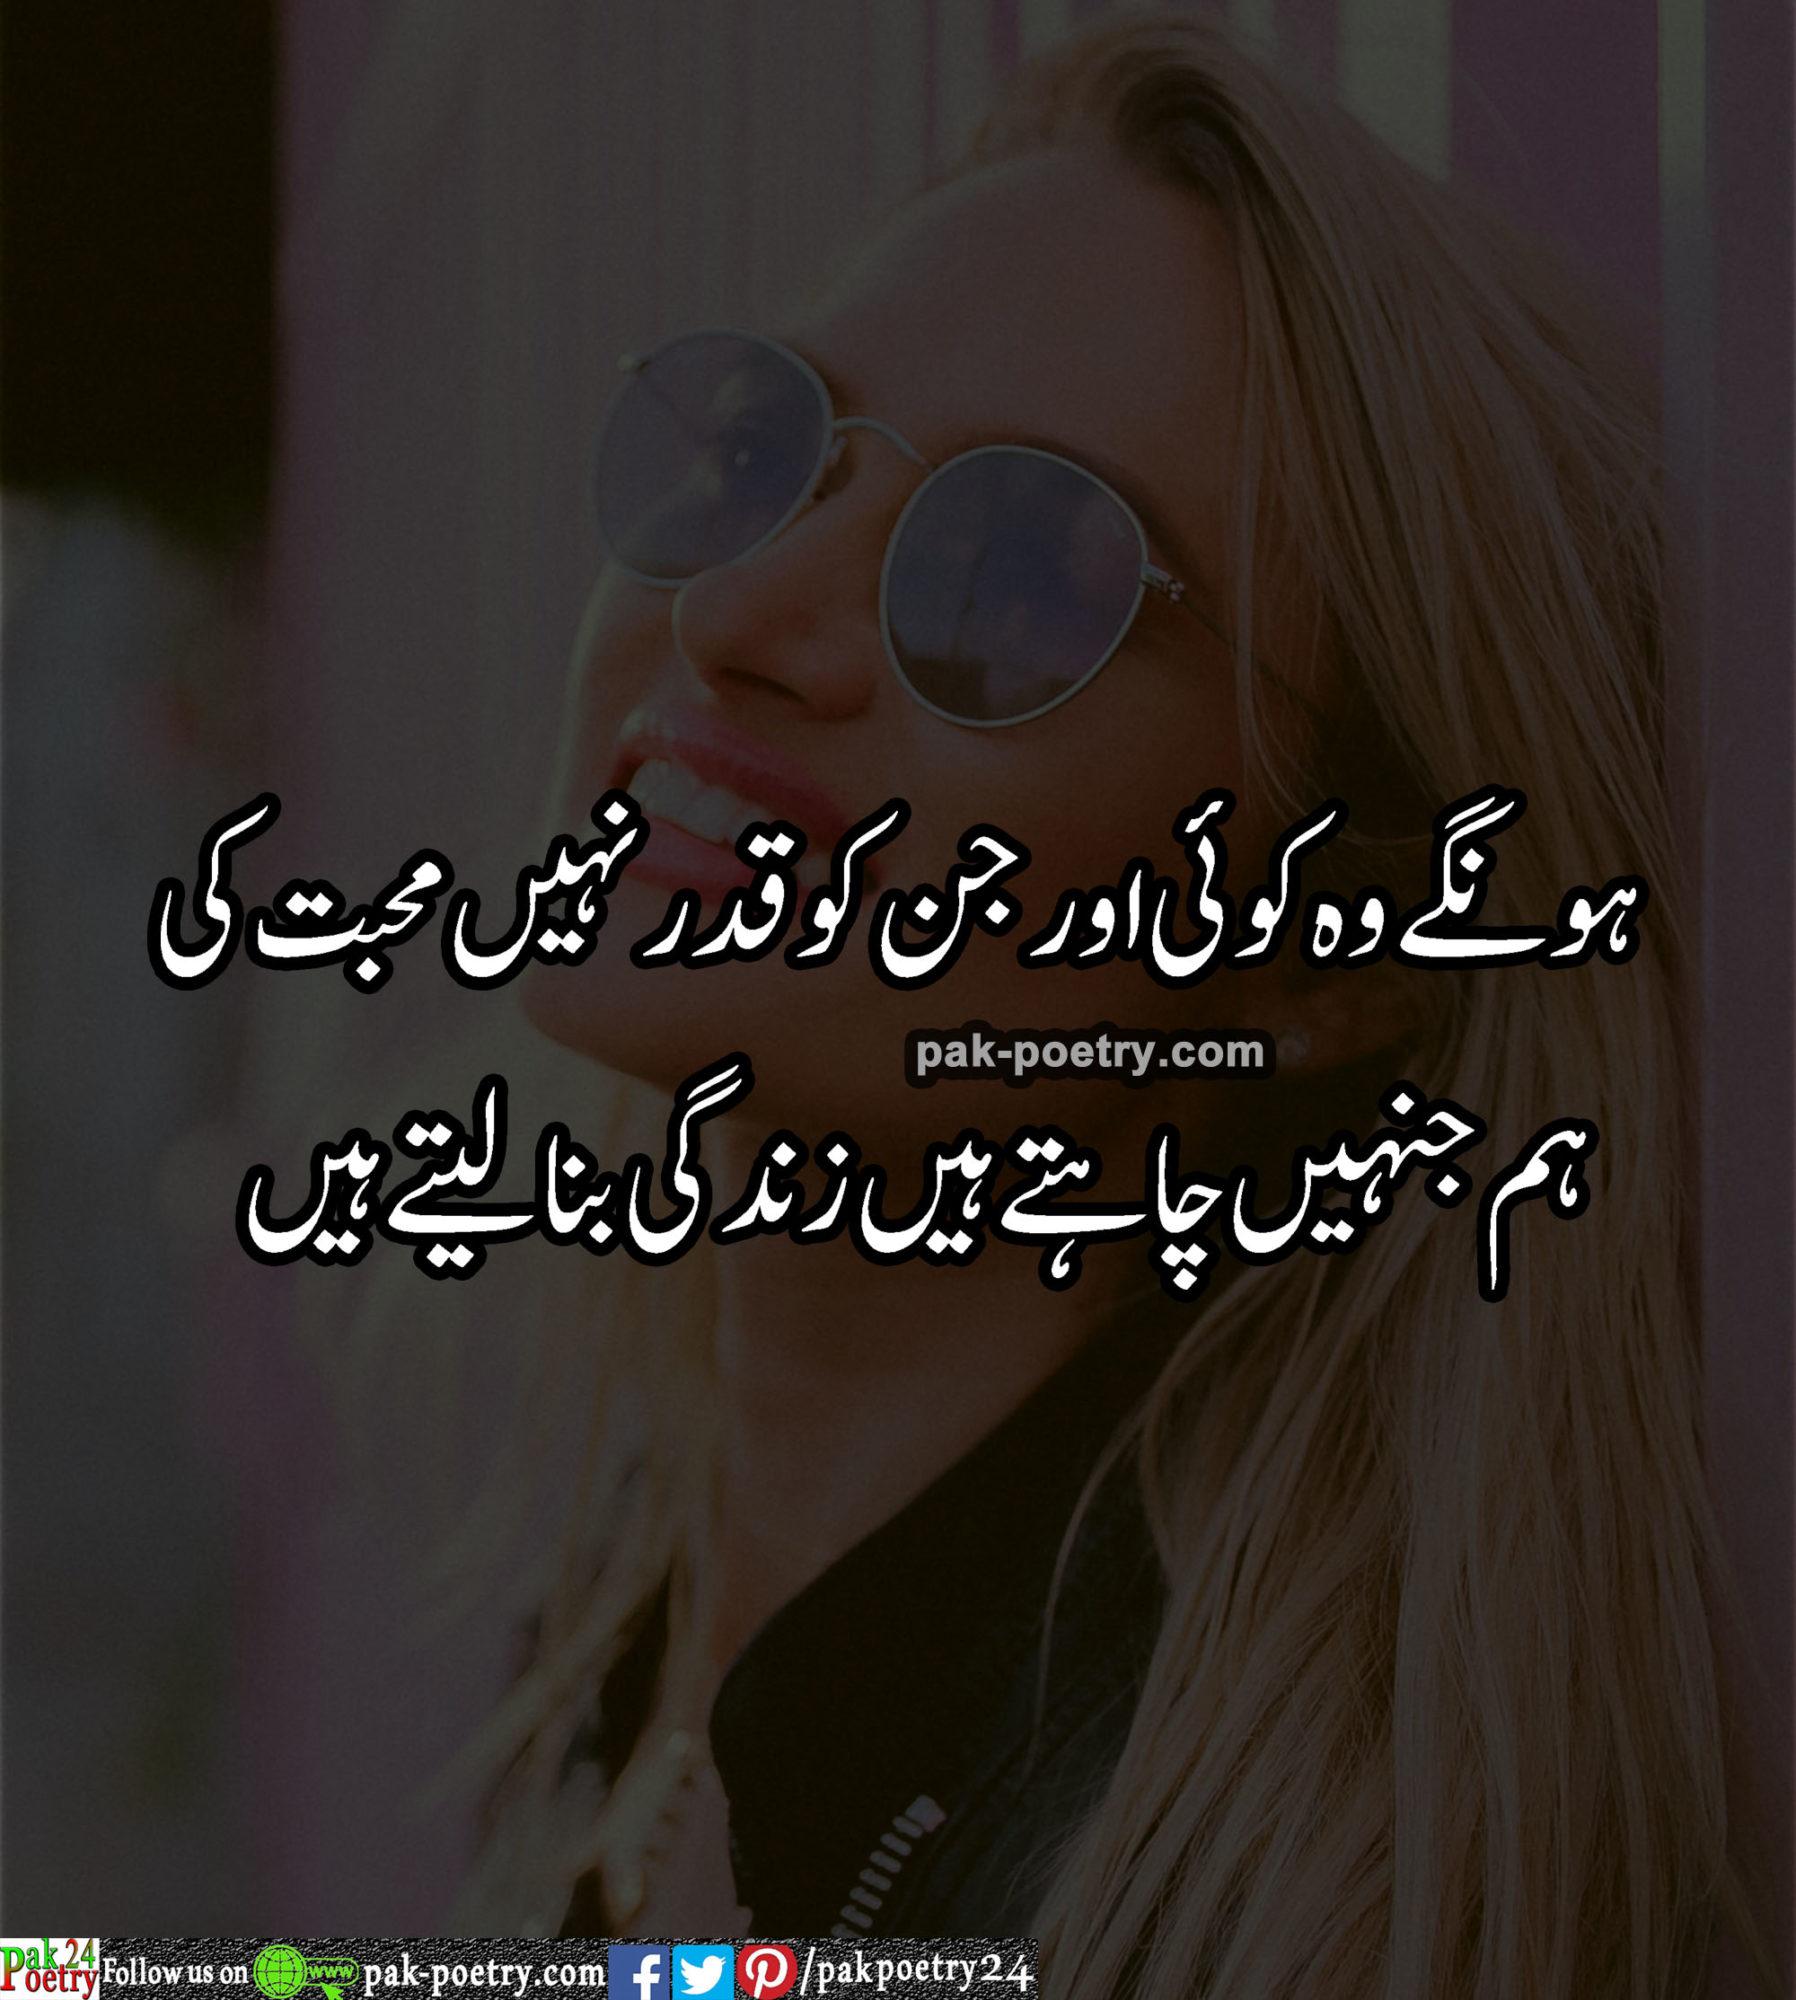 love poetry urdu poetry